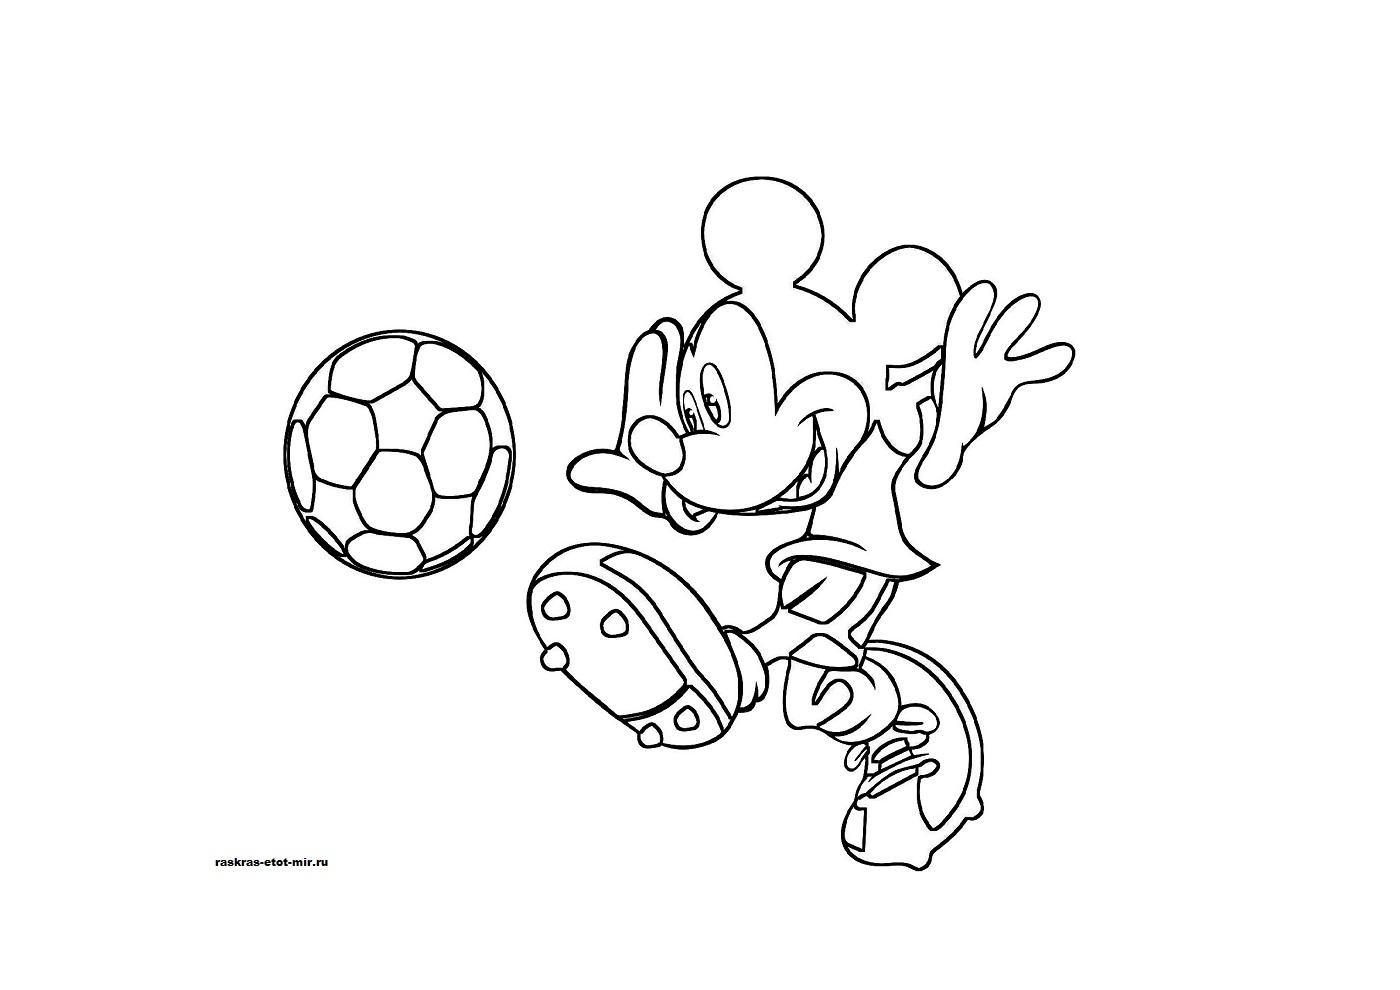 раскраски про футбол раскрась этот мир